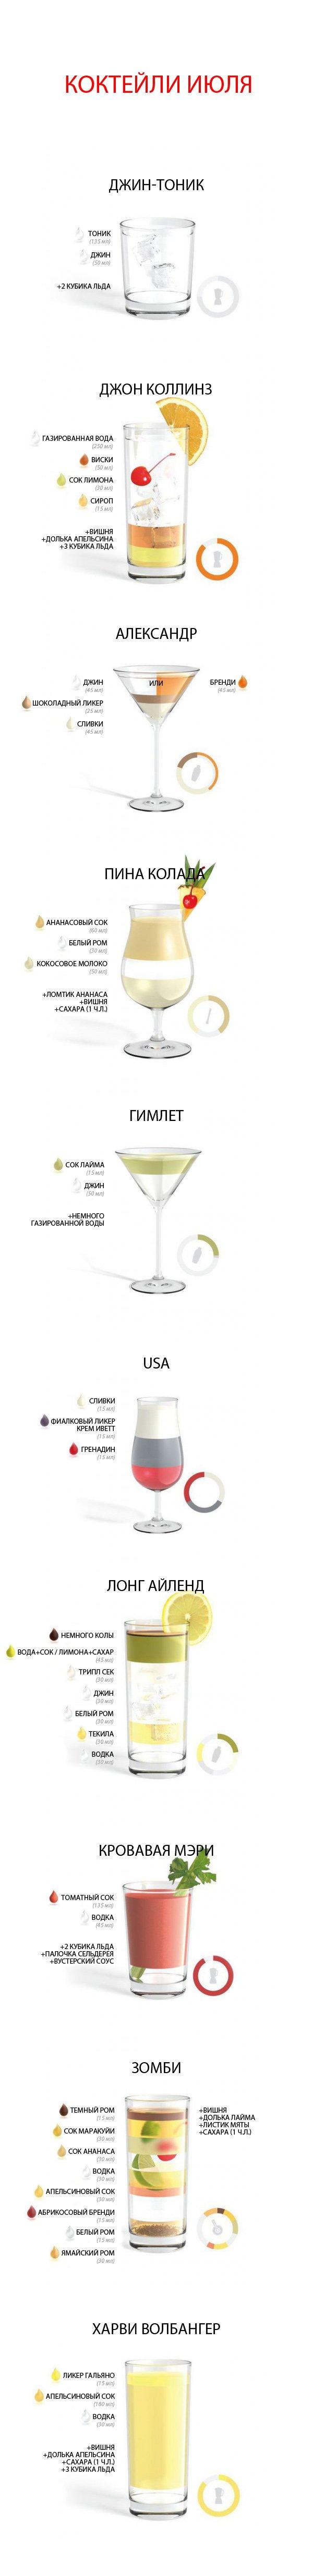 Инфографика: 10 трендовых коктейлей июля